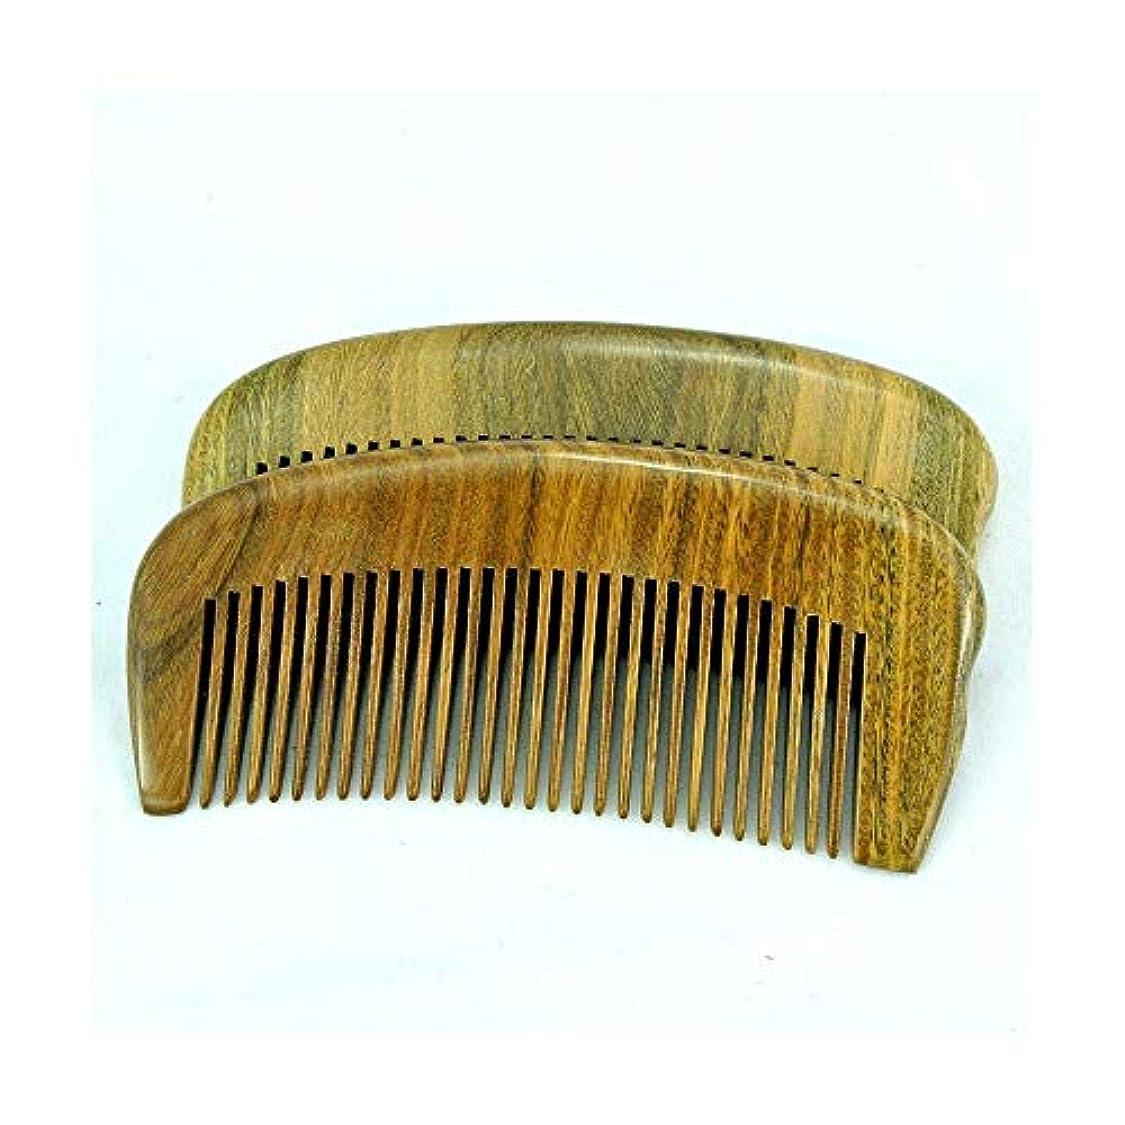 新しい意味緩む国歌Fashianナチュラルグリーンサンダルウッド手作りの木製くしポータブルヘアブラシ ヘアケア